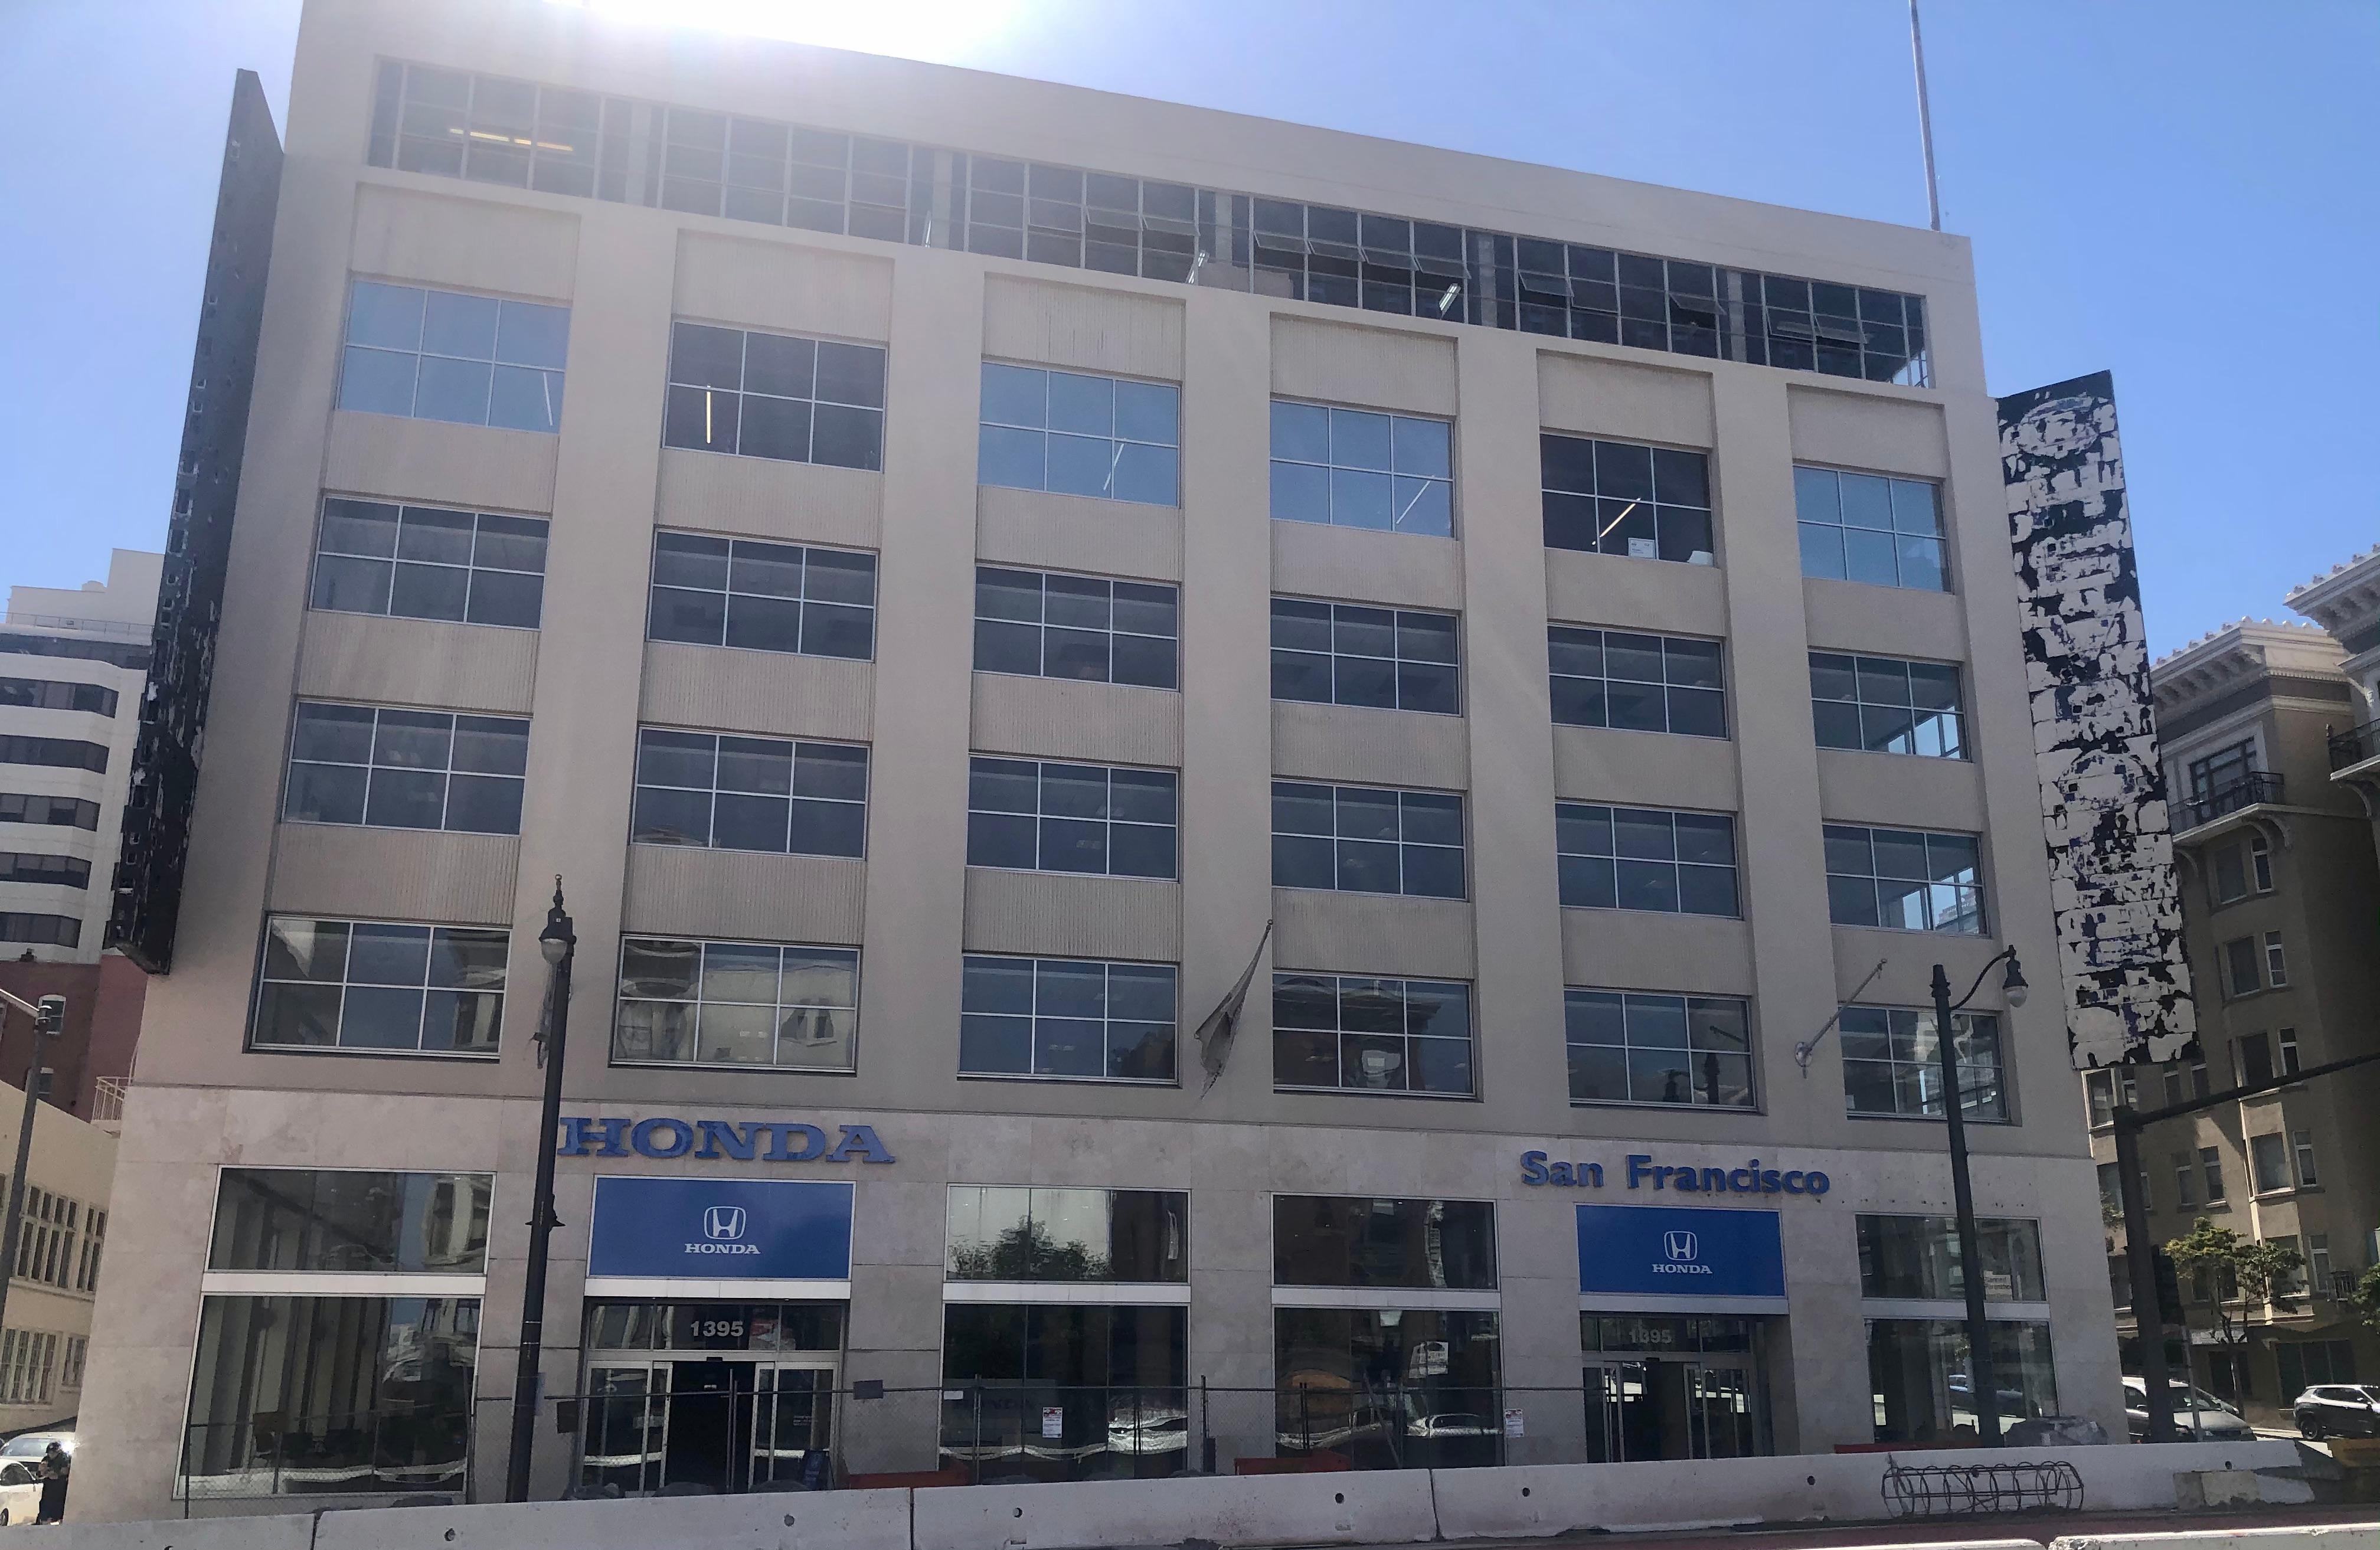 San Francisco Honda Service Center